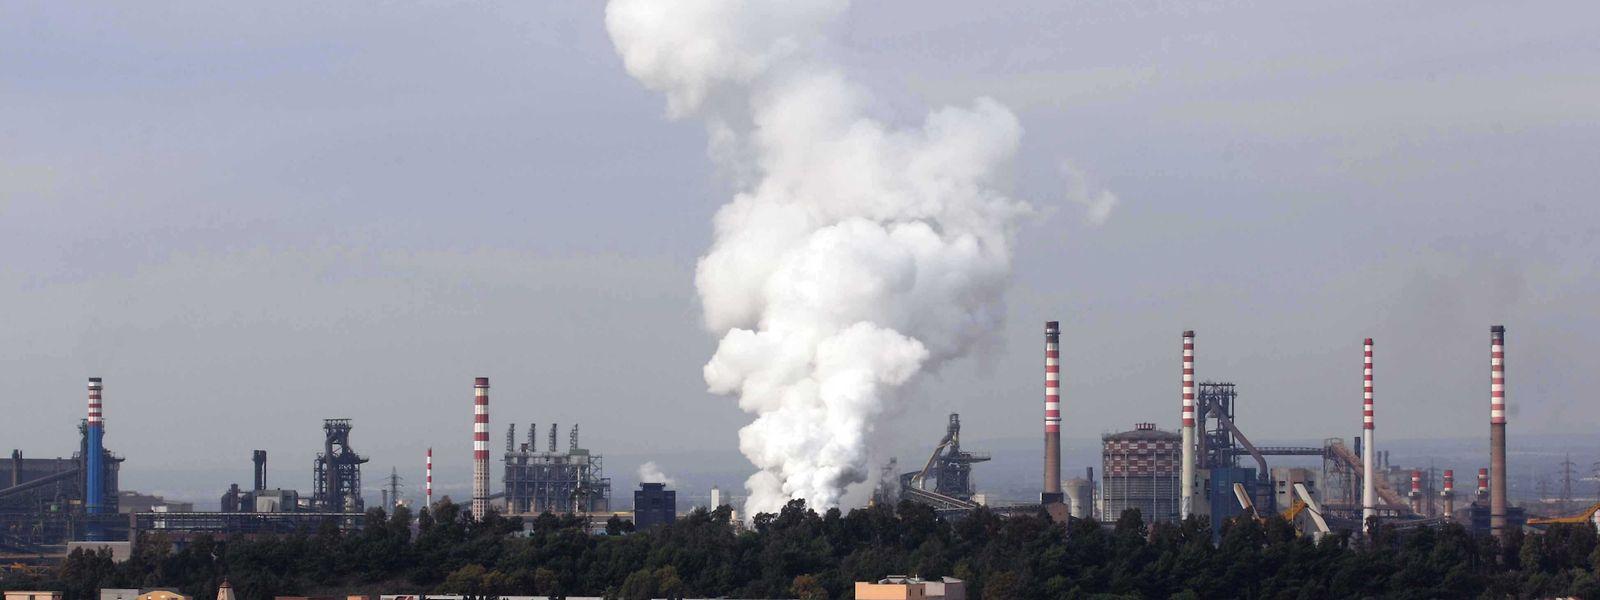 Für Europas größtes Stahlwerk bei Tarent hatte ArcelorMittal mehrere andere Werke aufgegeben, unter anderem das in Düdelingen.